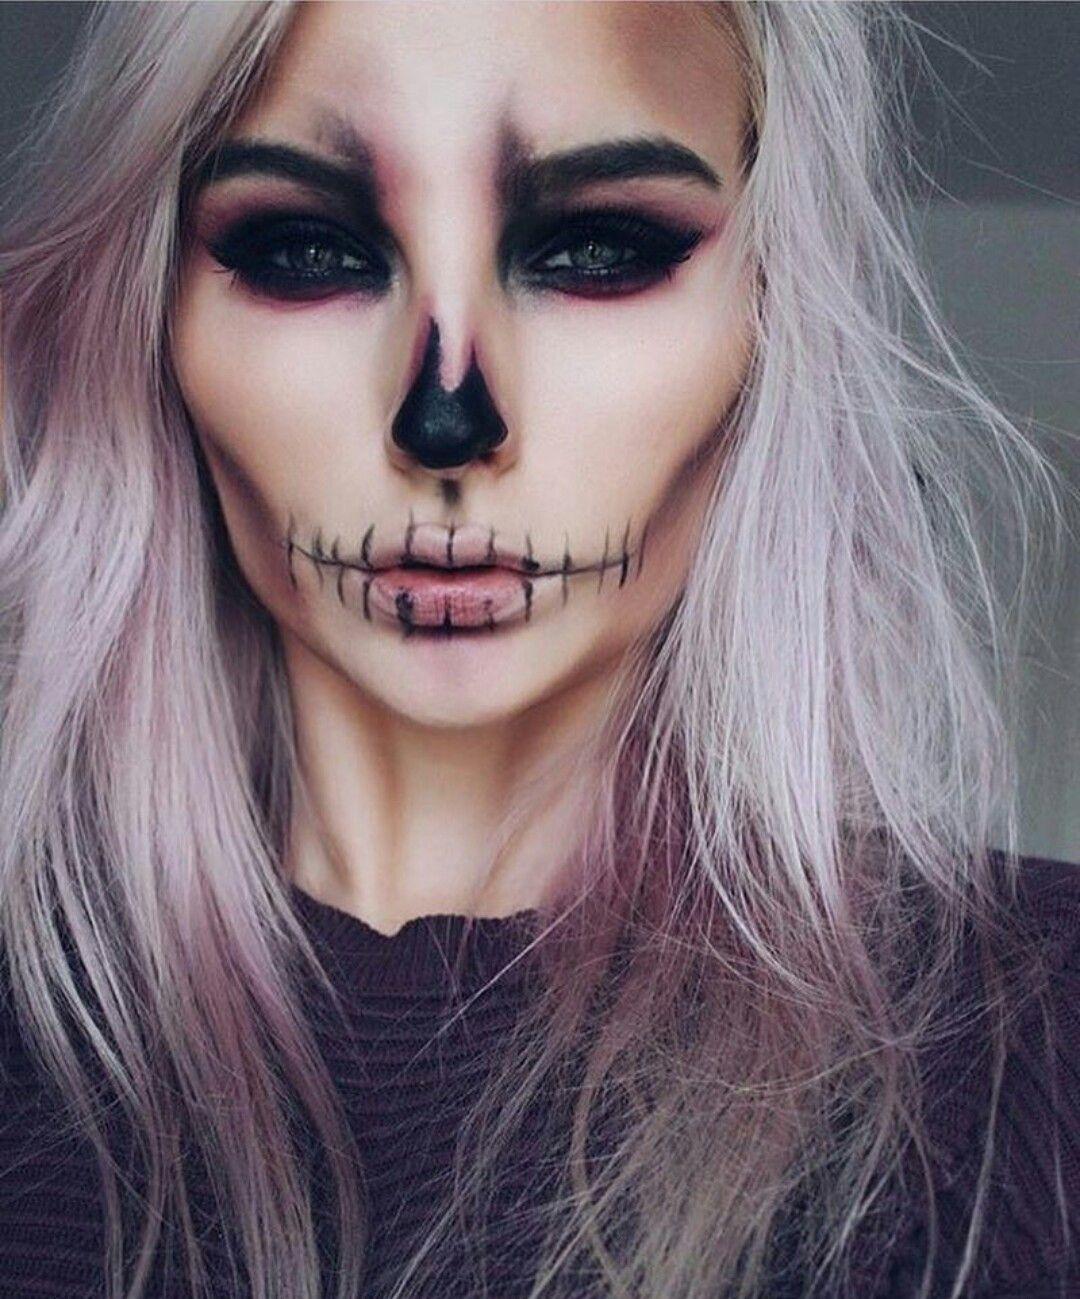 skeleton makeup pinteres. Black Bedroom Furniture Sets. Home Design Ideas